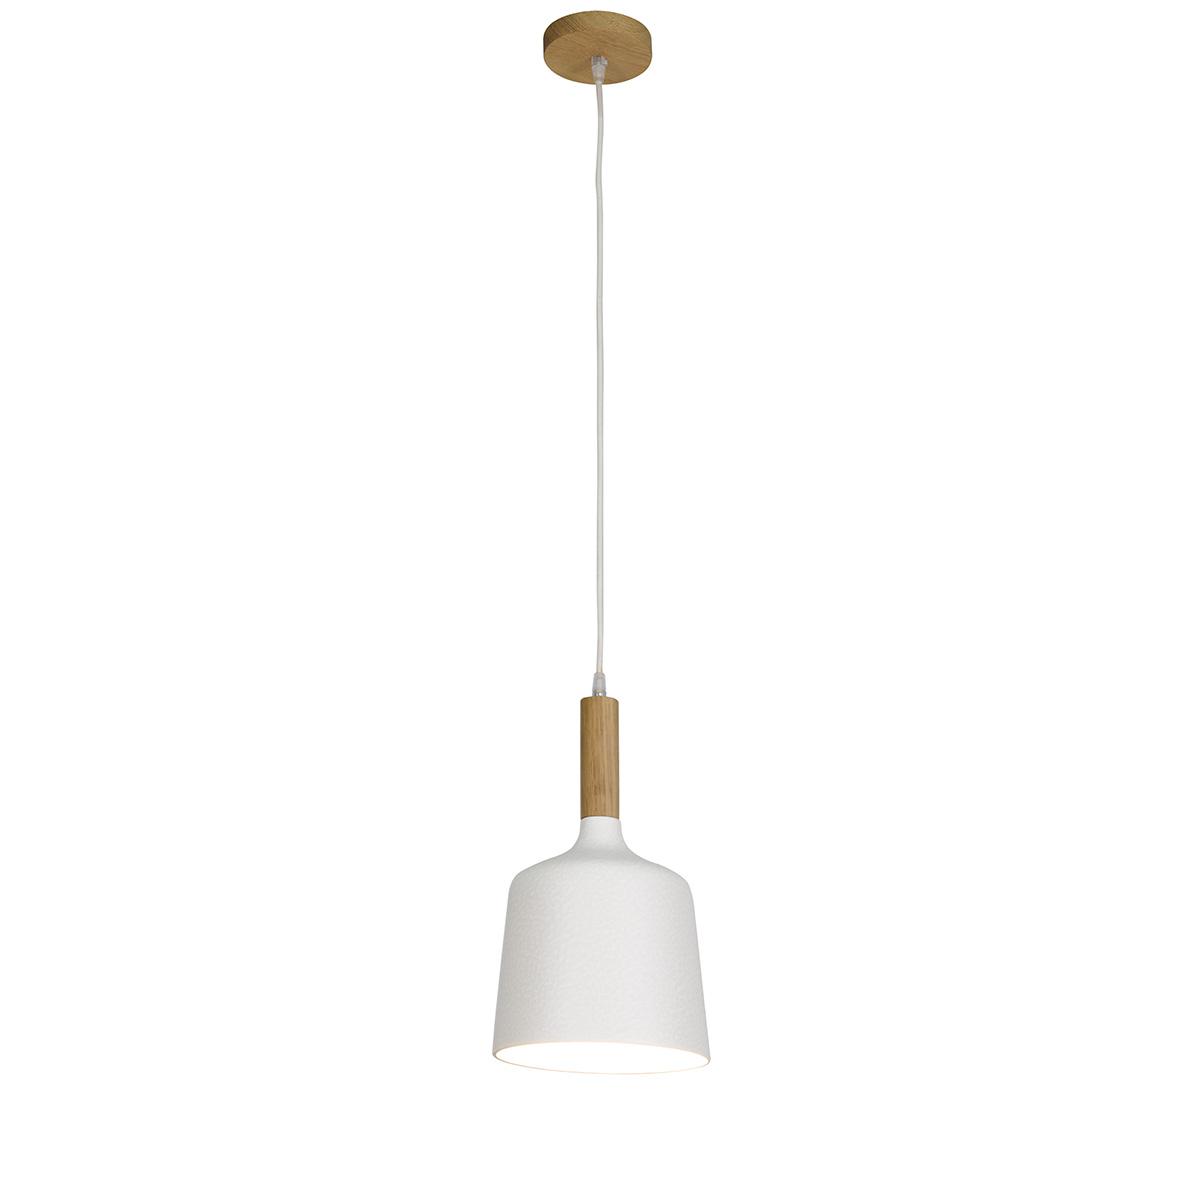 Μονόφωτο κρεμαστό κεραμικό DUO ceramic suspension lamp